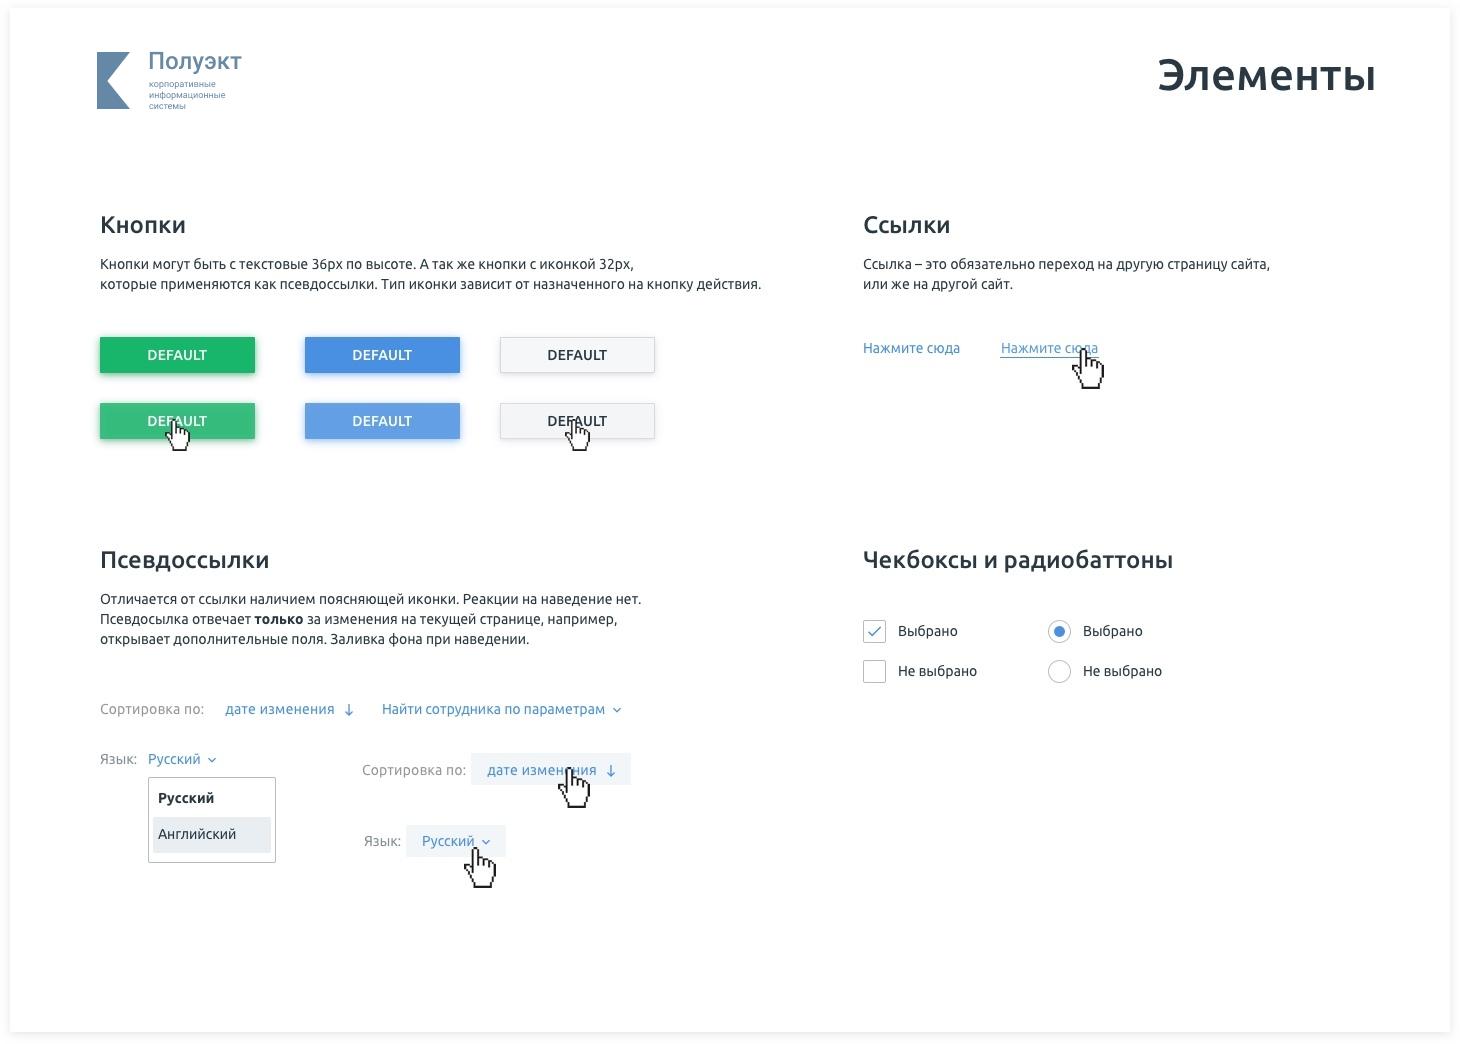 Активные элементы UI-kit во всех состояниях | SobakaPav.ru